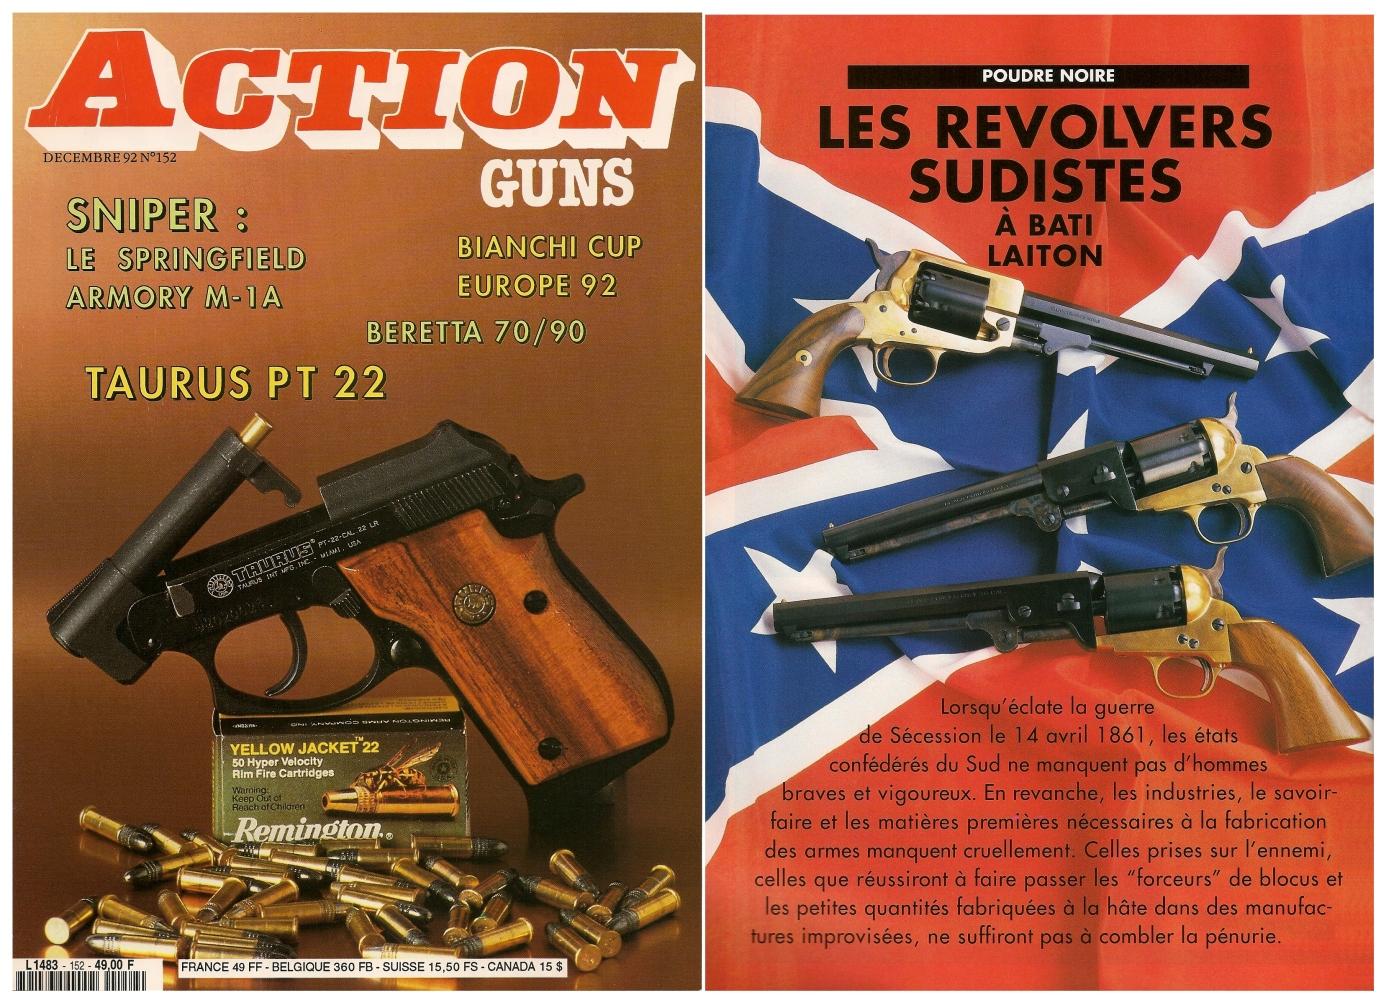 Le banc d'essai des revolvers à bâti en laiton a été publié sur 6 pages dans le magazine Action Guns n° 152 (décembre 1992).